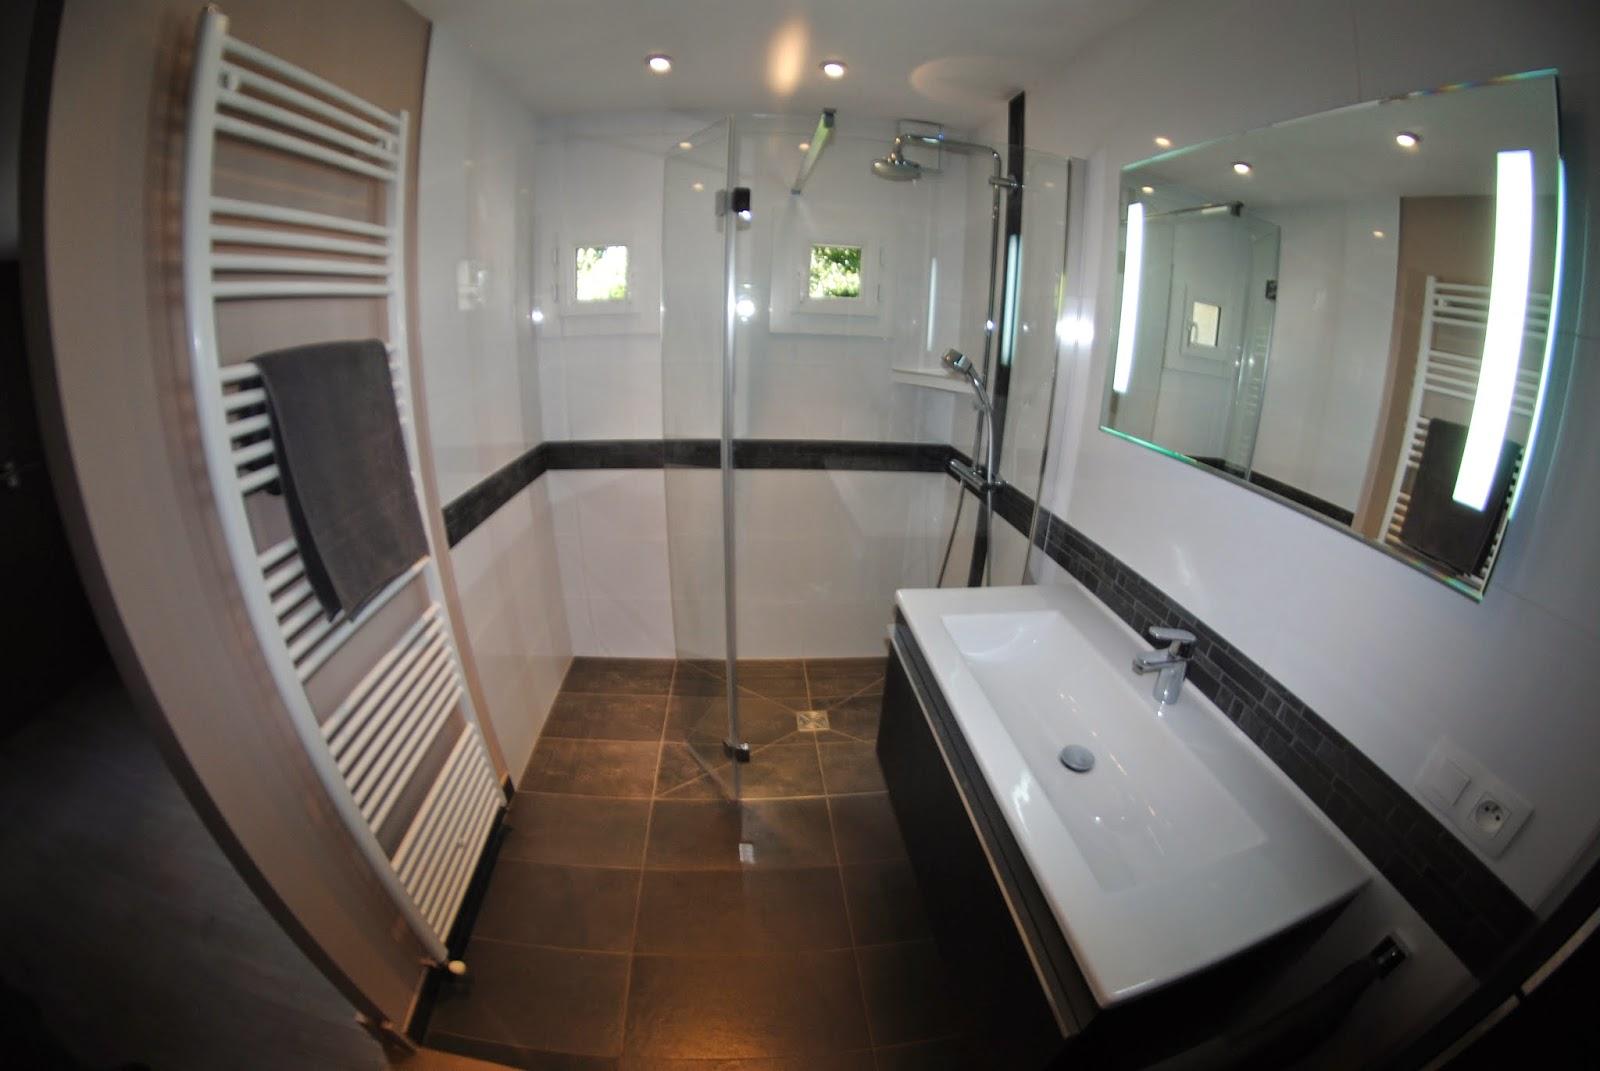 creation de salles de bains douche a l 39 italienne et amenagements interieurs renovation. Black Bedroom Furniture Sets. Home Design Ideas